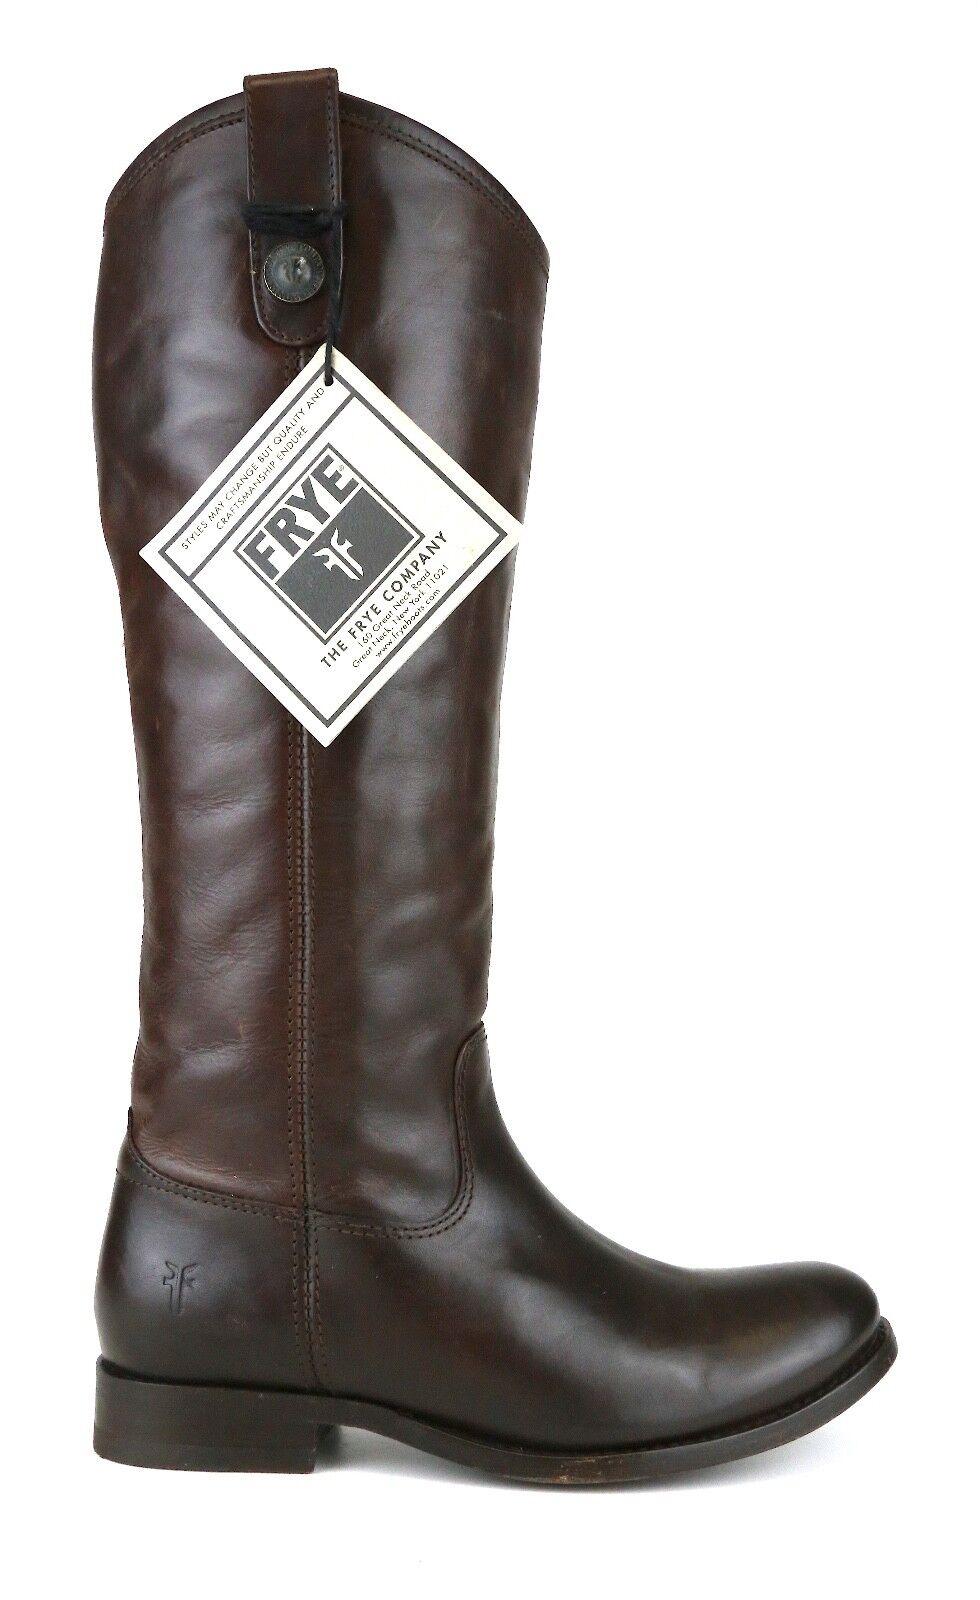 Frye Melissa Button Cuero Bota Bota Bota de Montar a Caballo Marrón Oscuro Mujeres talla 5.5 B 5422   excelentes precios